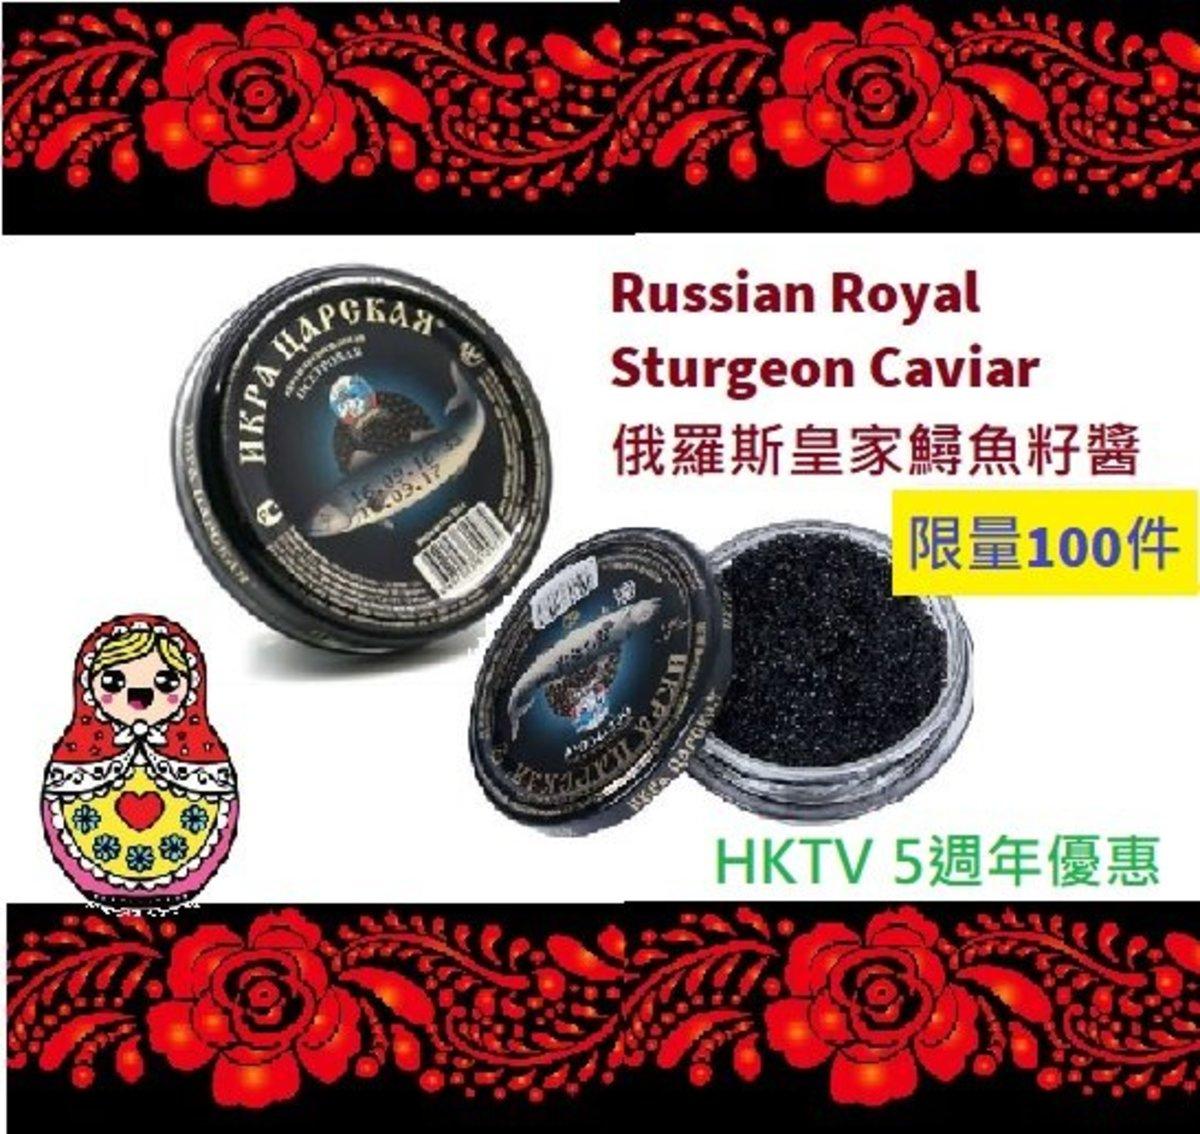 俄羅斯皇家鱘魚籽醬105g(HKTV 5週年慶典限量優惠100件)